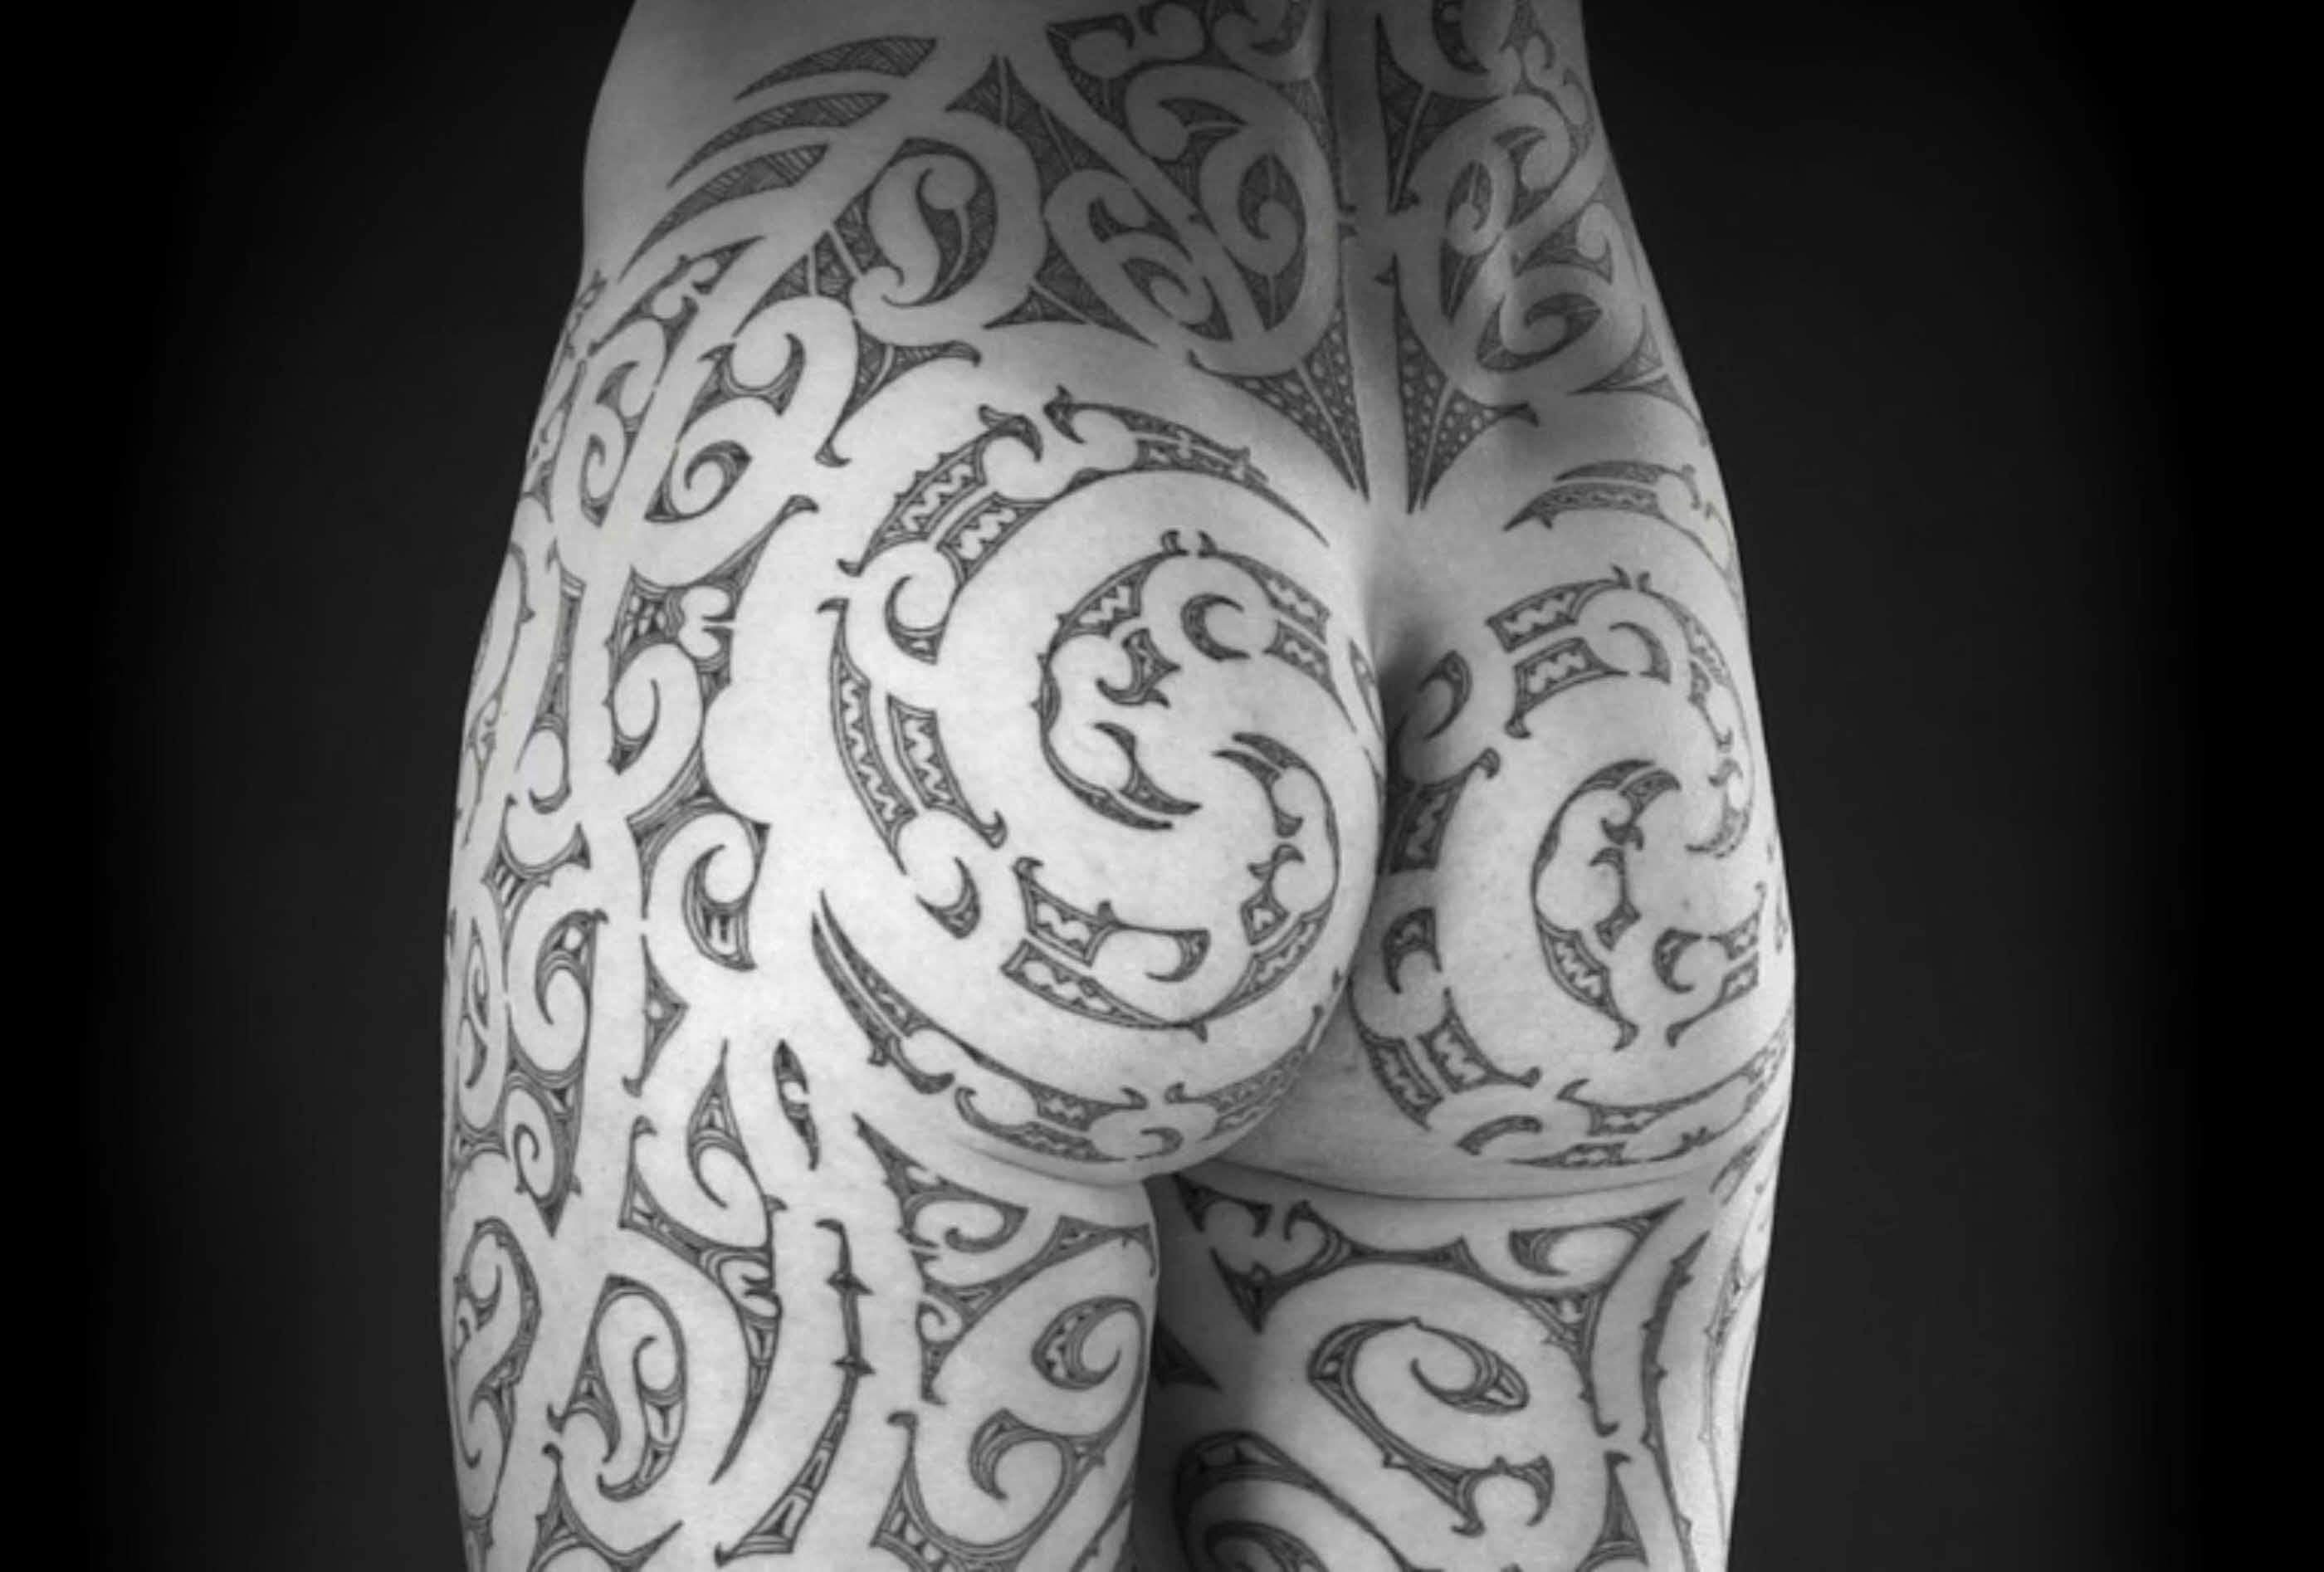 Maori Tattoo Uk: The World's 5 Best Destinations To Get Tattooed